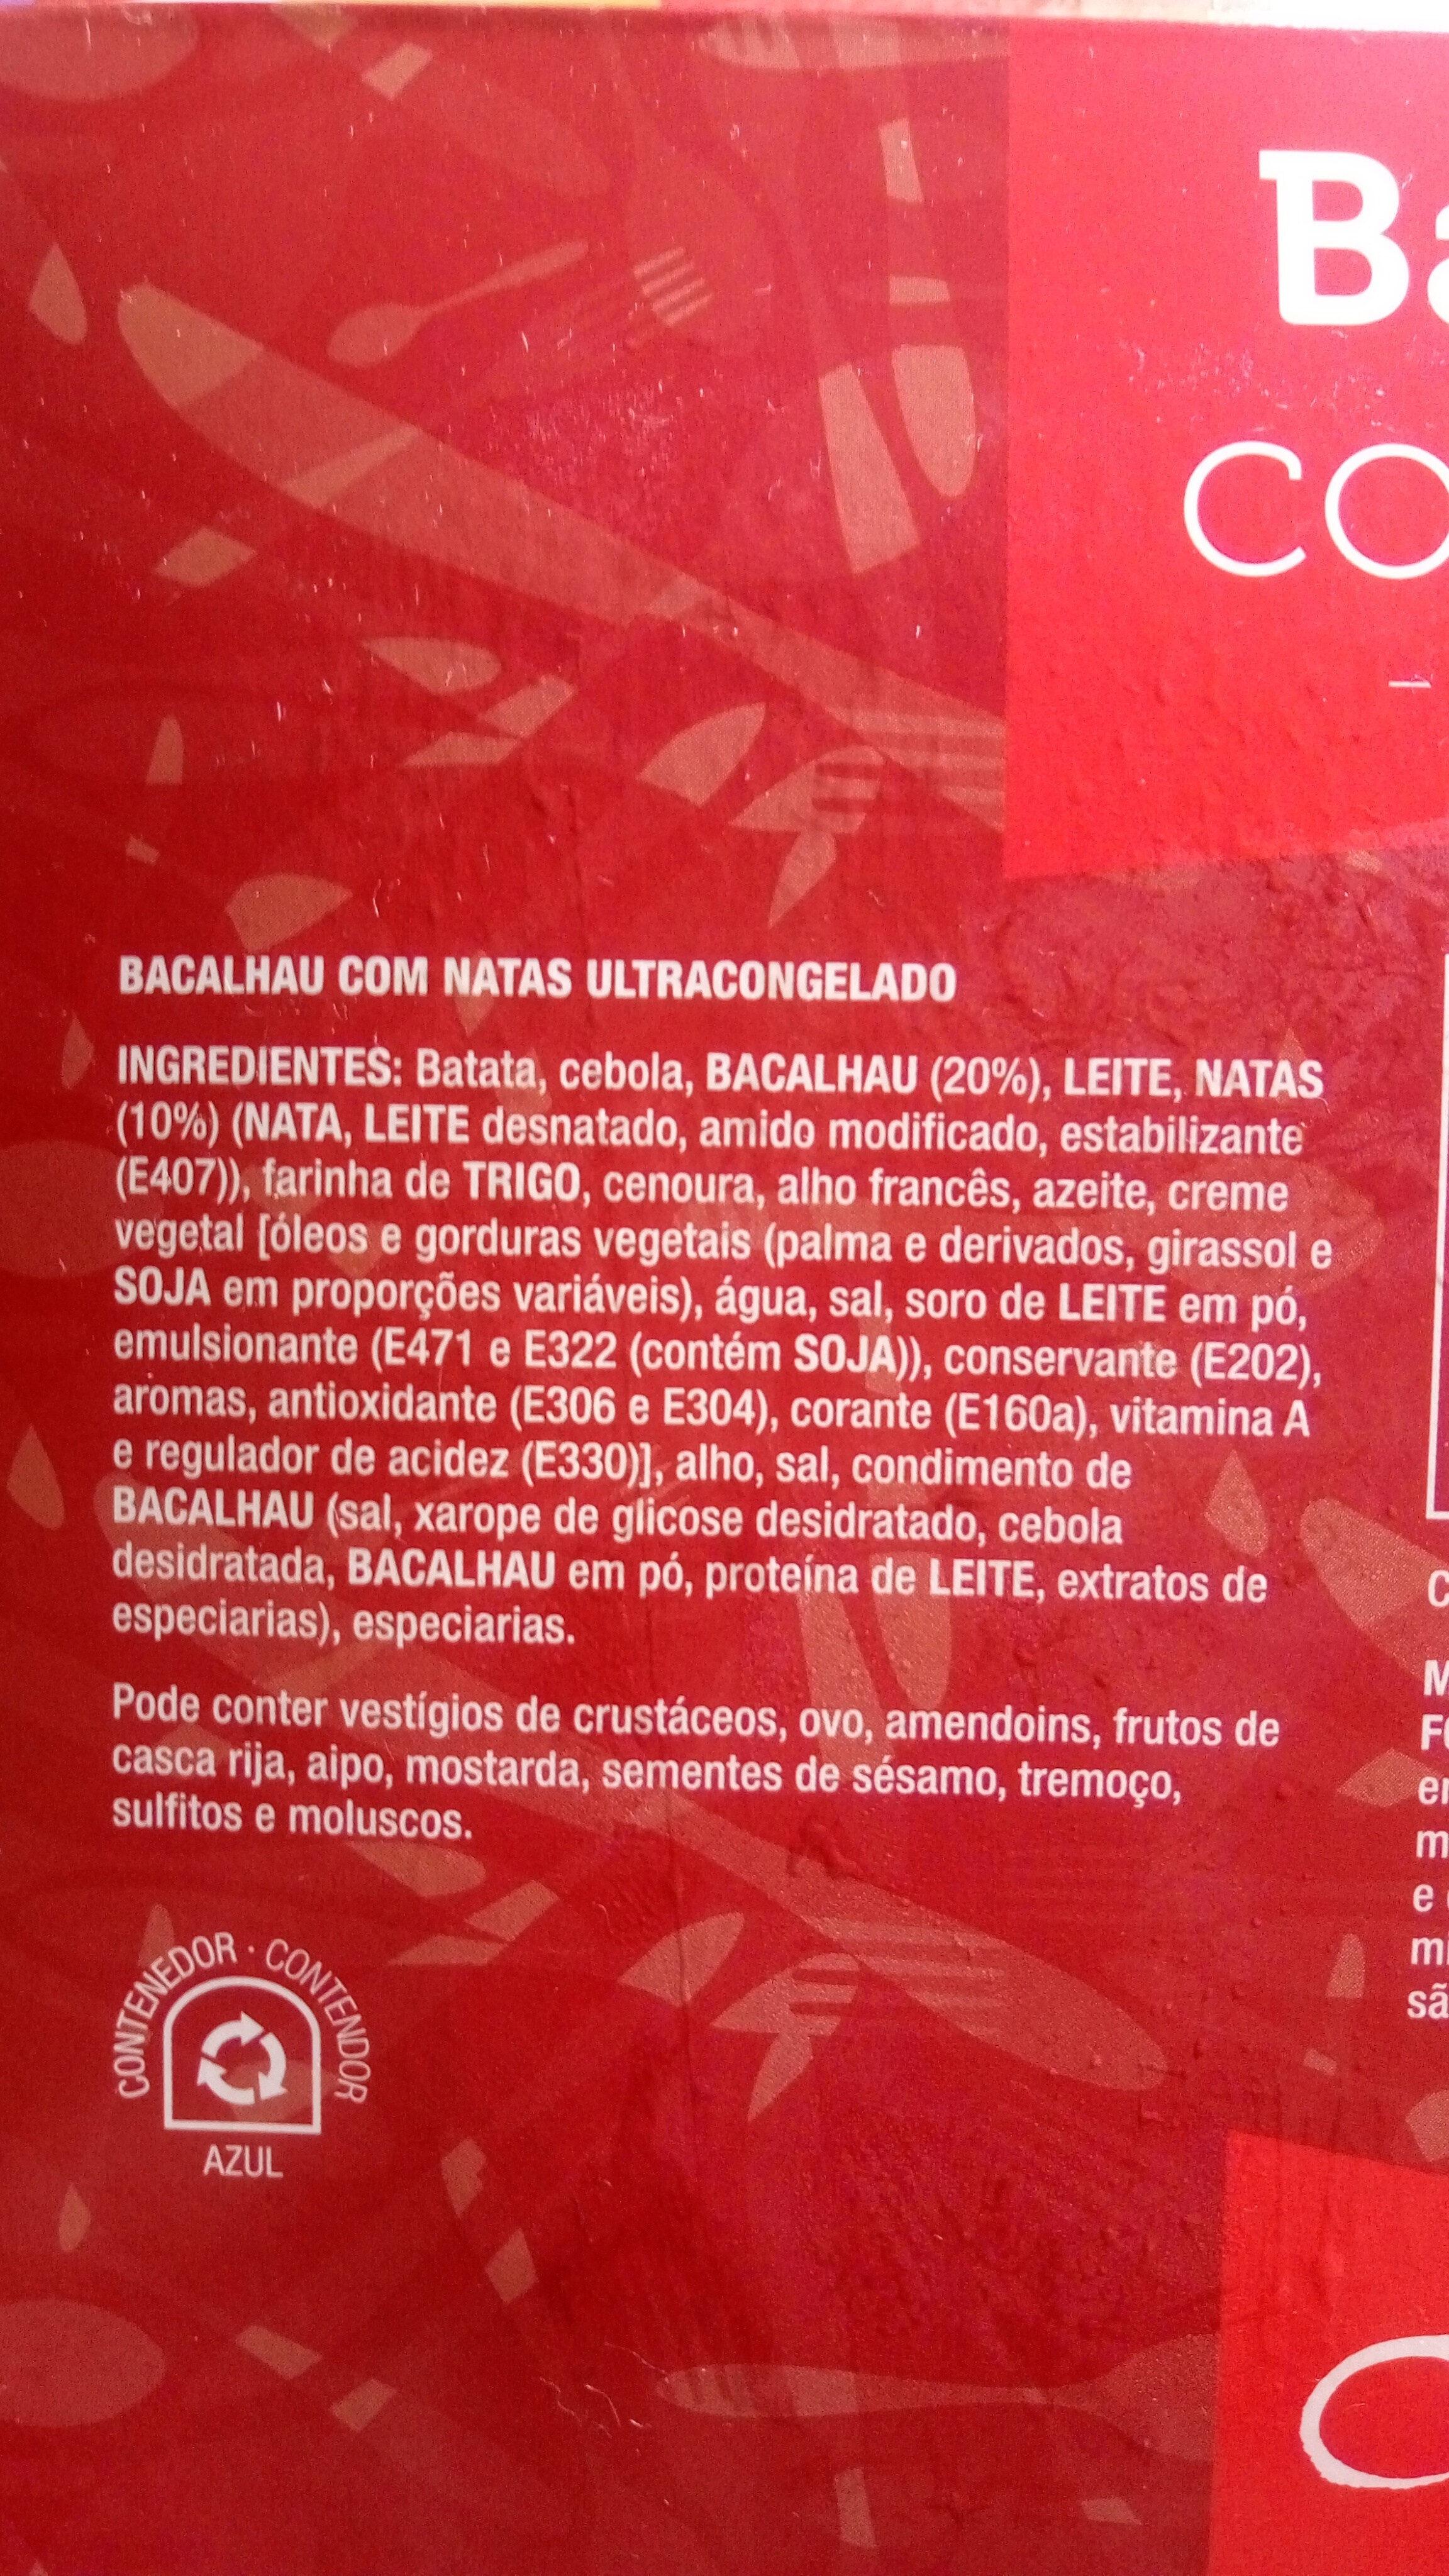 Bacalhau com Natas - ultracongelado - Ingrediënten